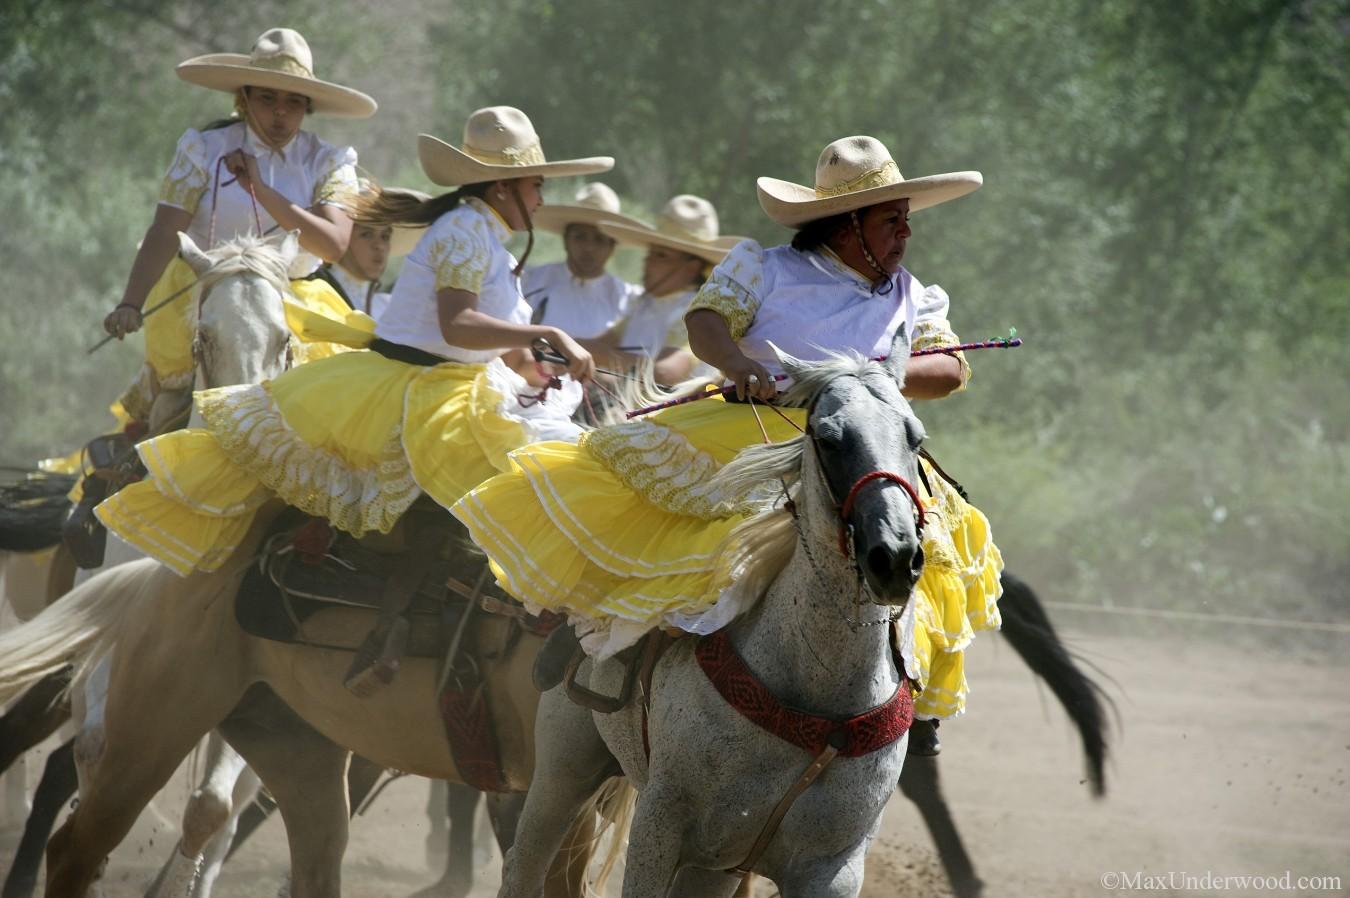 Charreada, Mexican Rodeo, Viva Mexico! at Las Golindrinas, female horseriding, New Mexico